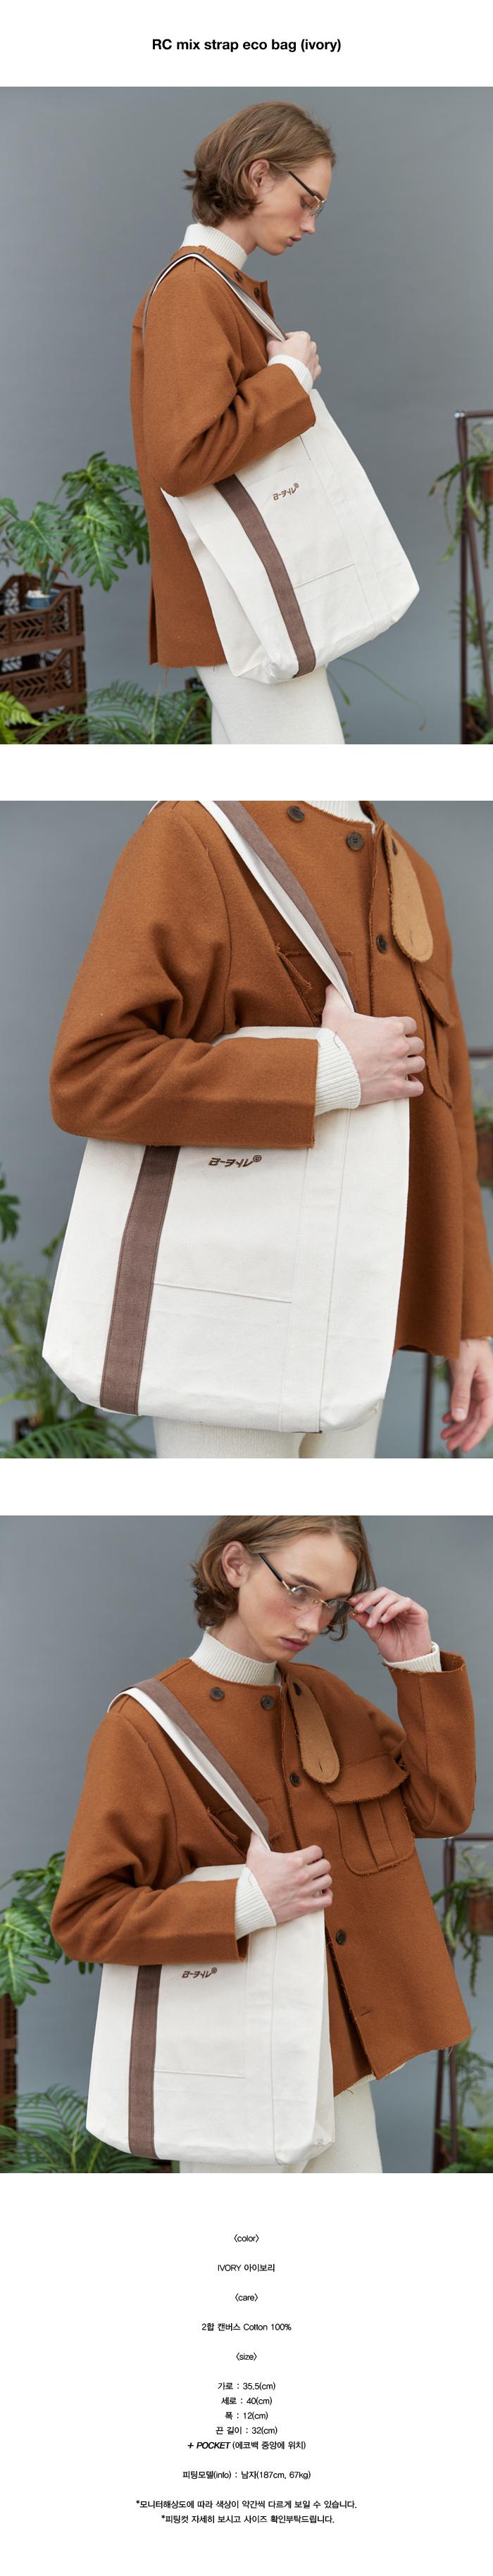 리플레이컨테이너(REPLAY CONTAINER) RC mix strap eco bag (ivory)